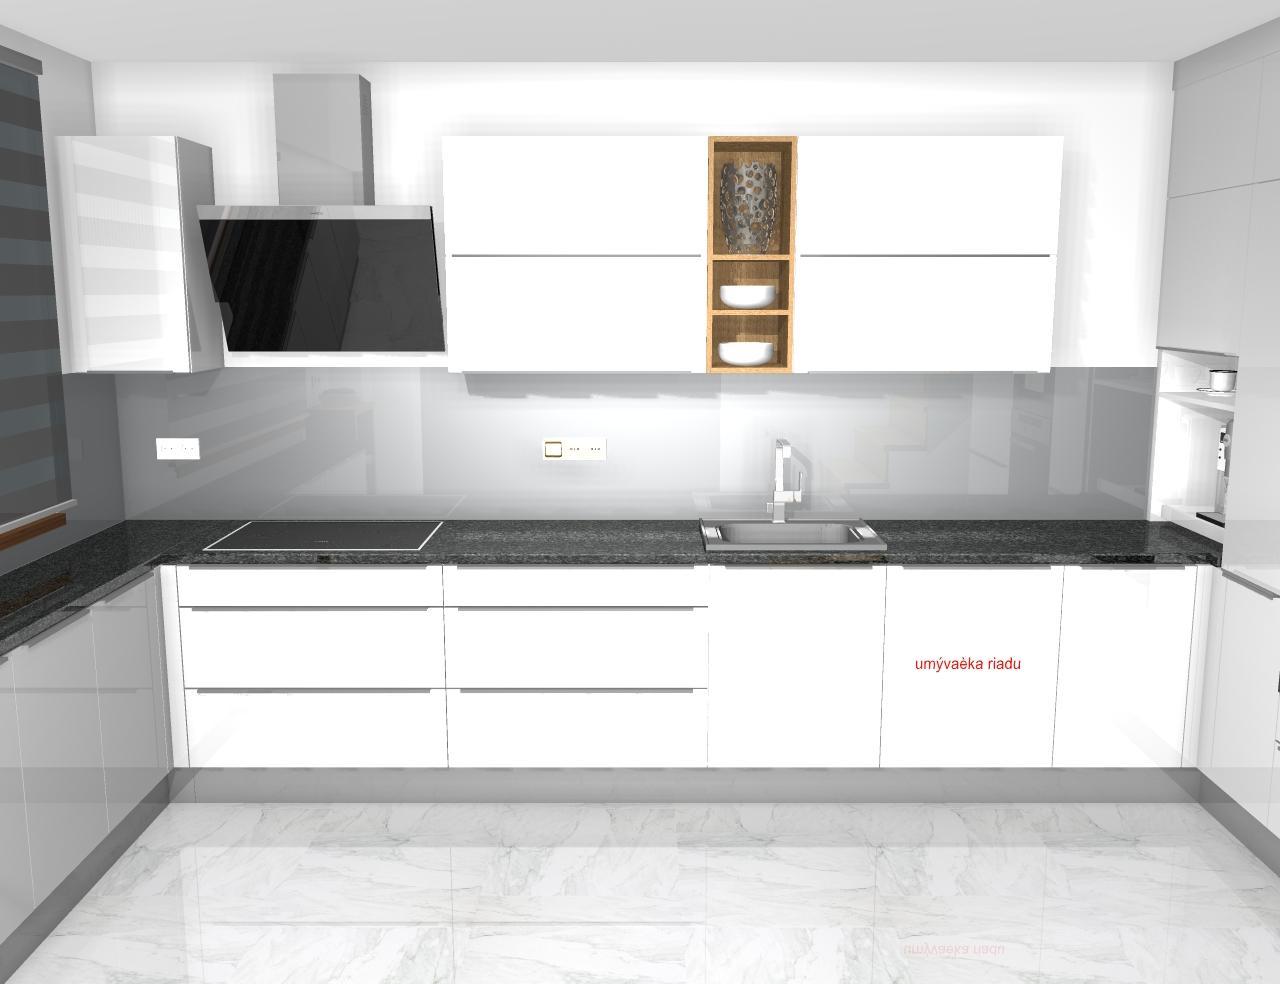 Grafické návrhy kuchynských liniek 2020 - Grafický návrh kuchynskej linky do rodinného domu - obr.5